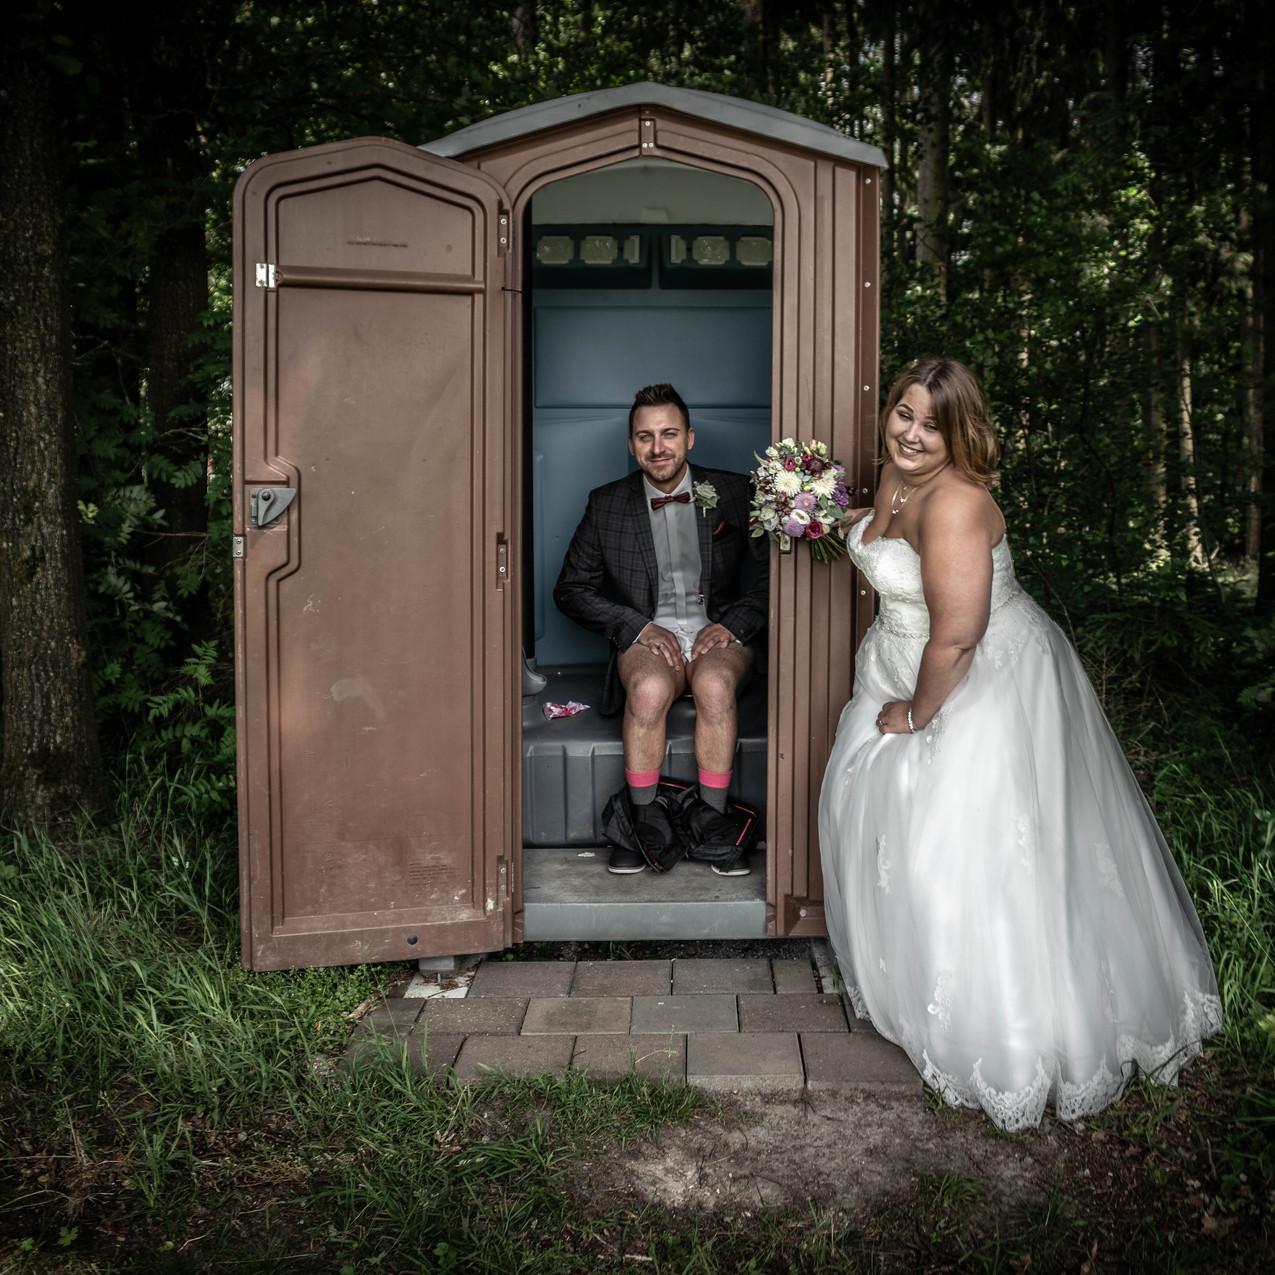 Daniel Jones photograpy erzählt lustige und einzigartige Bilder